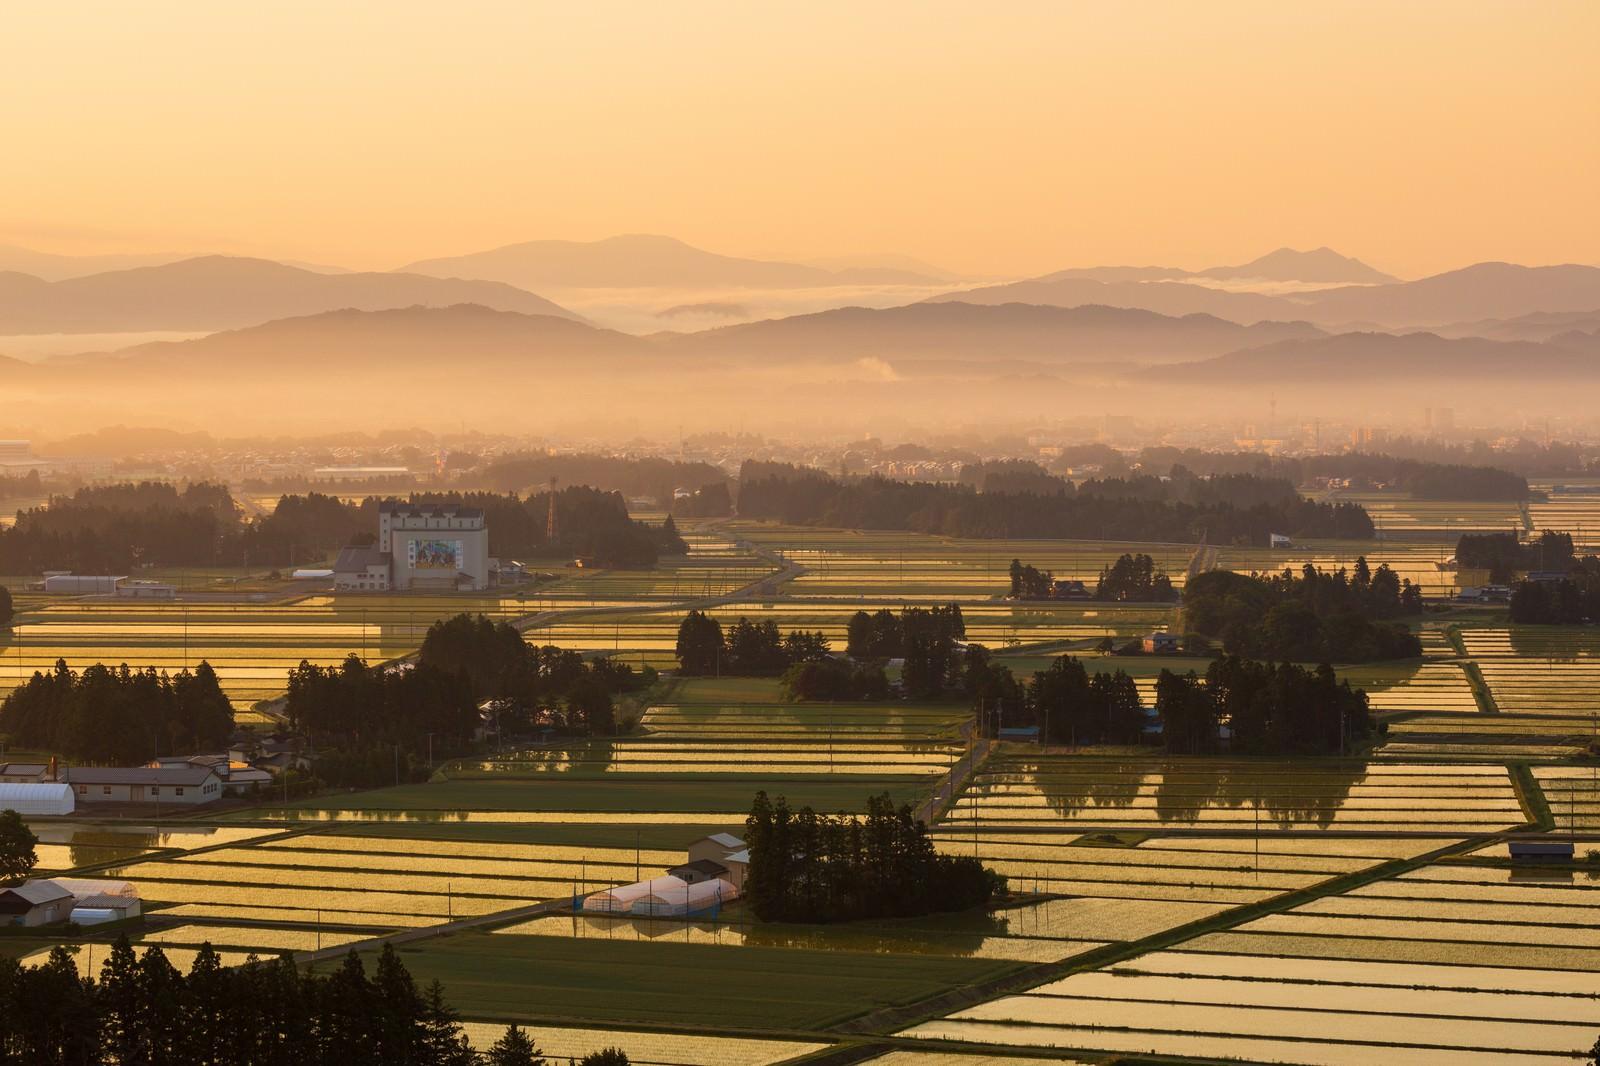 「朝霧残る街並みと田園風景」の写真